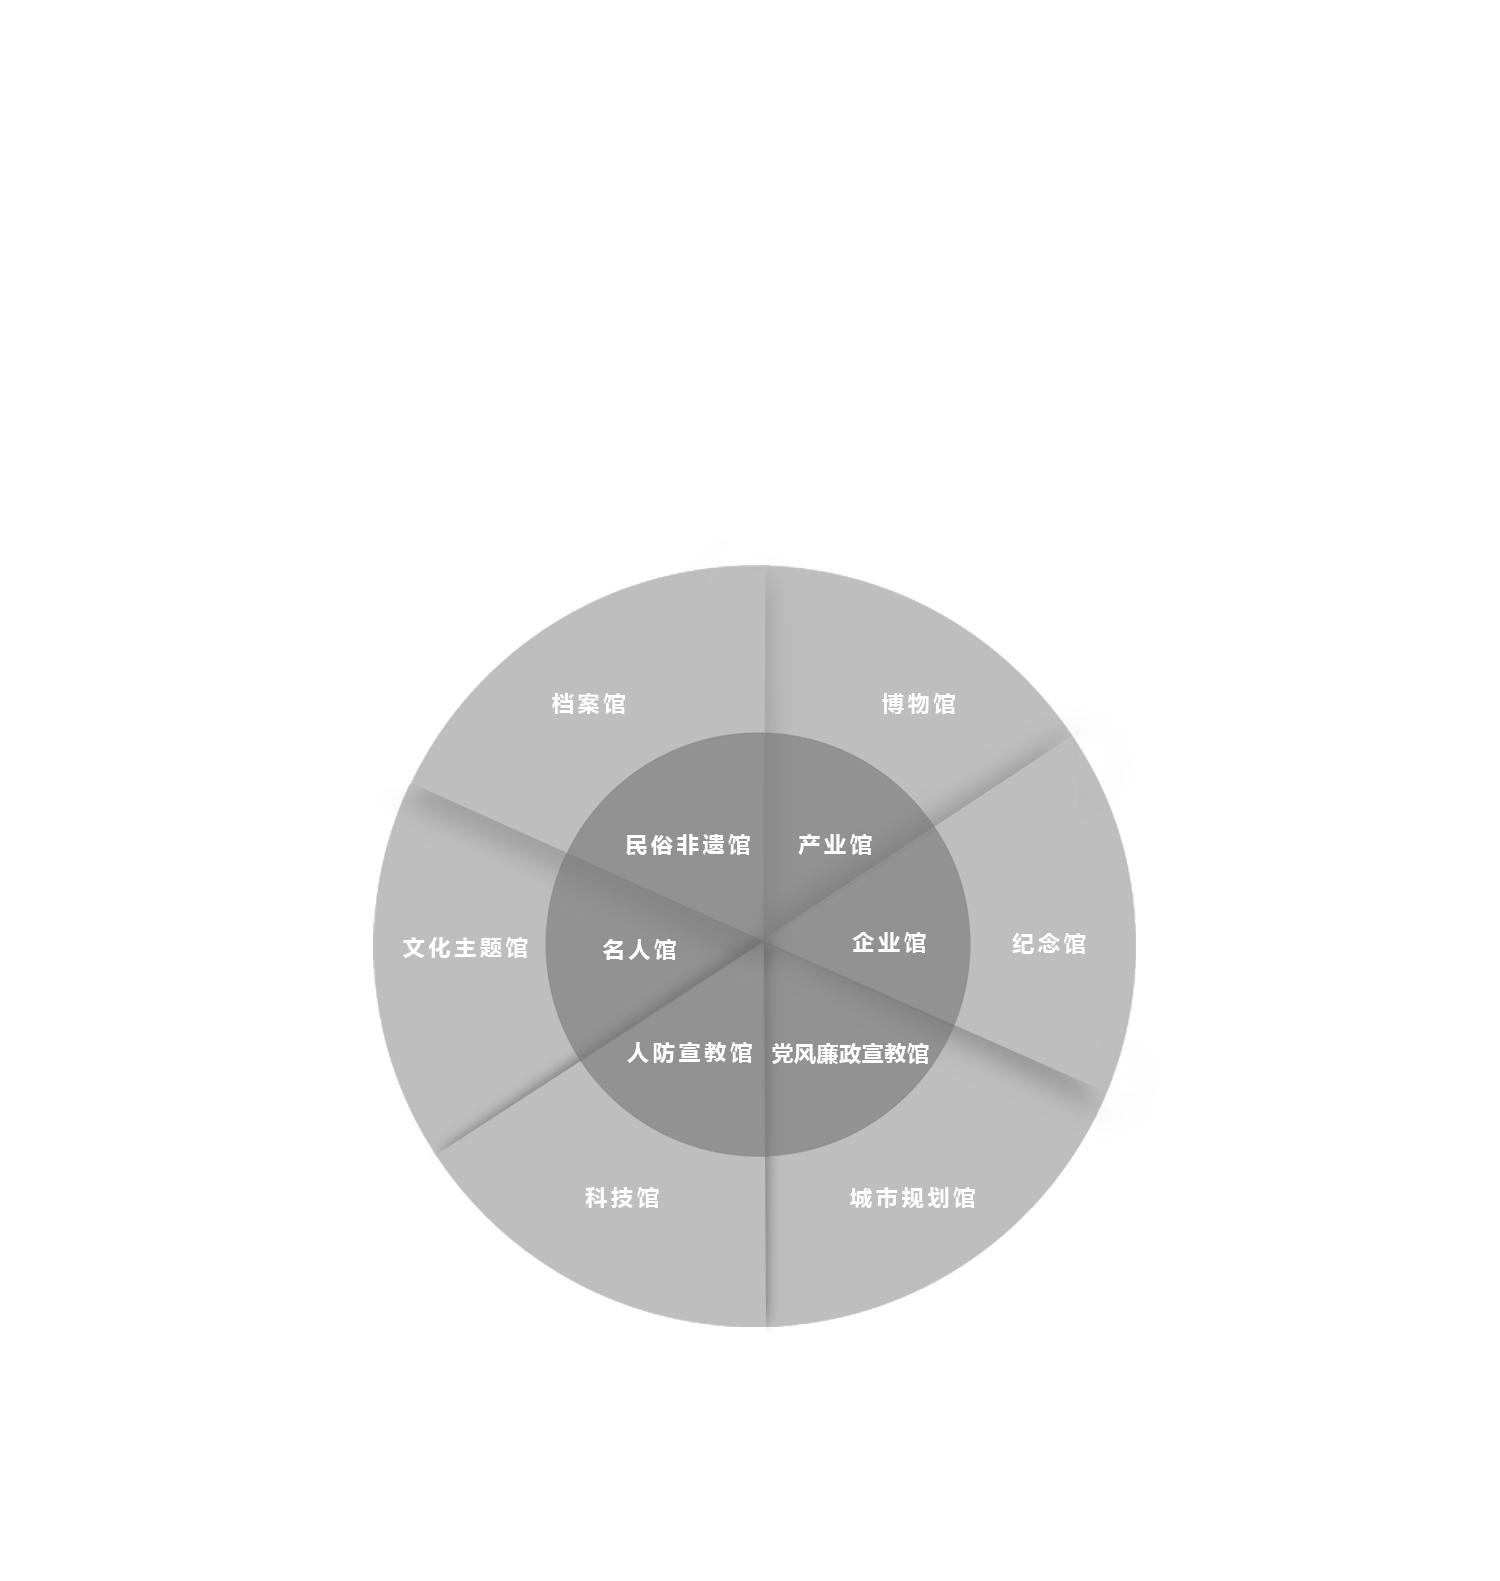 業務板塊0.1拷貝